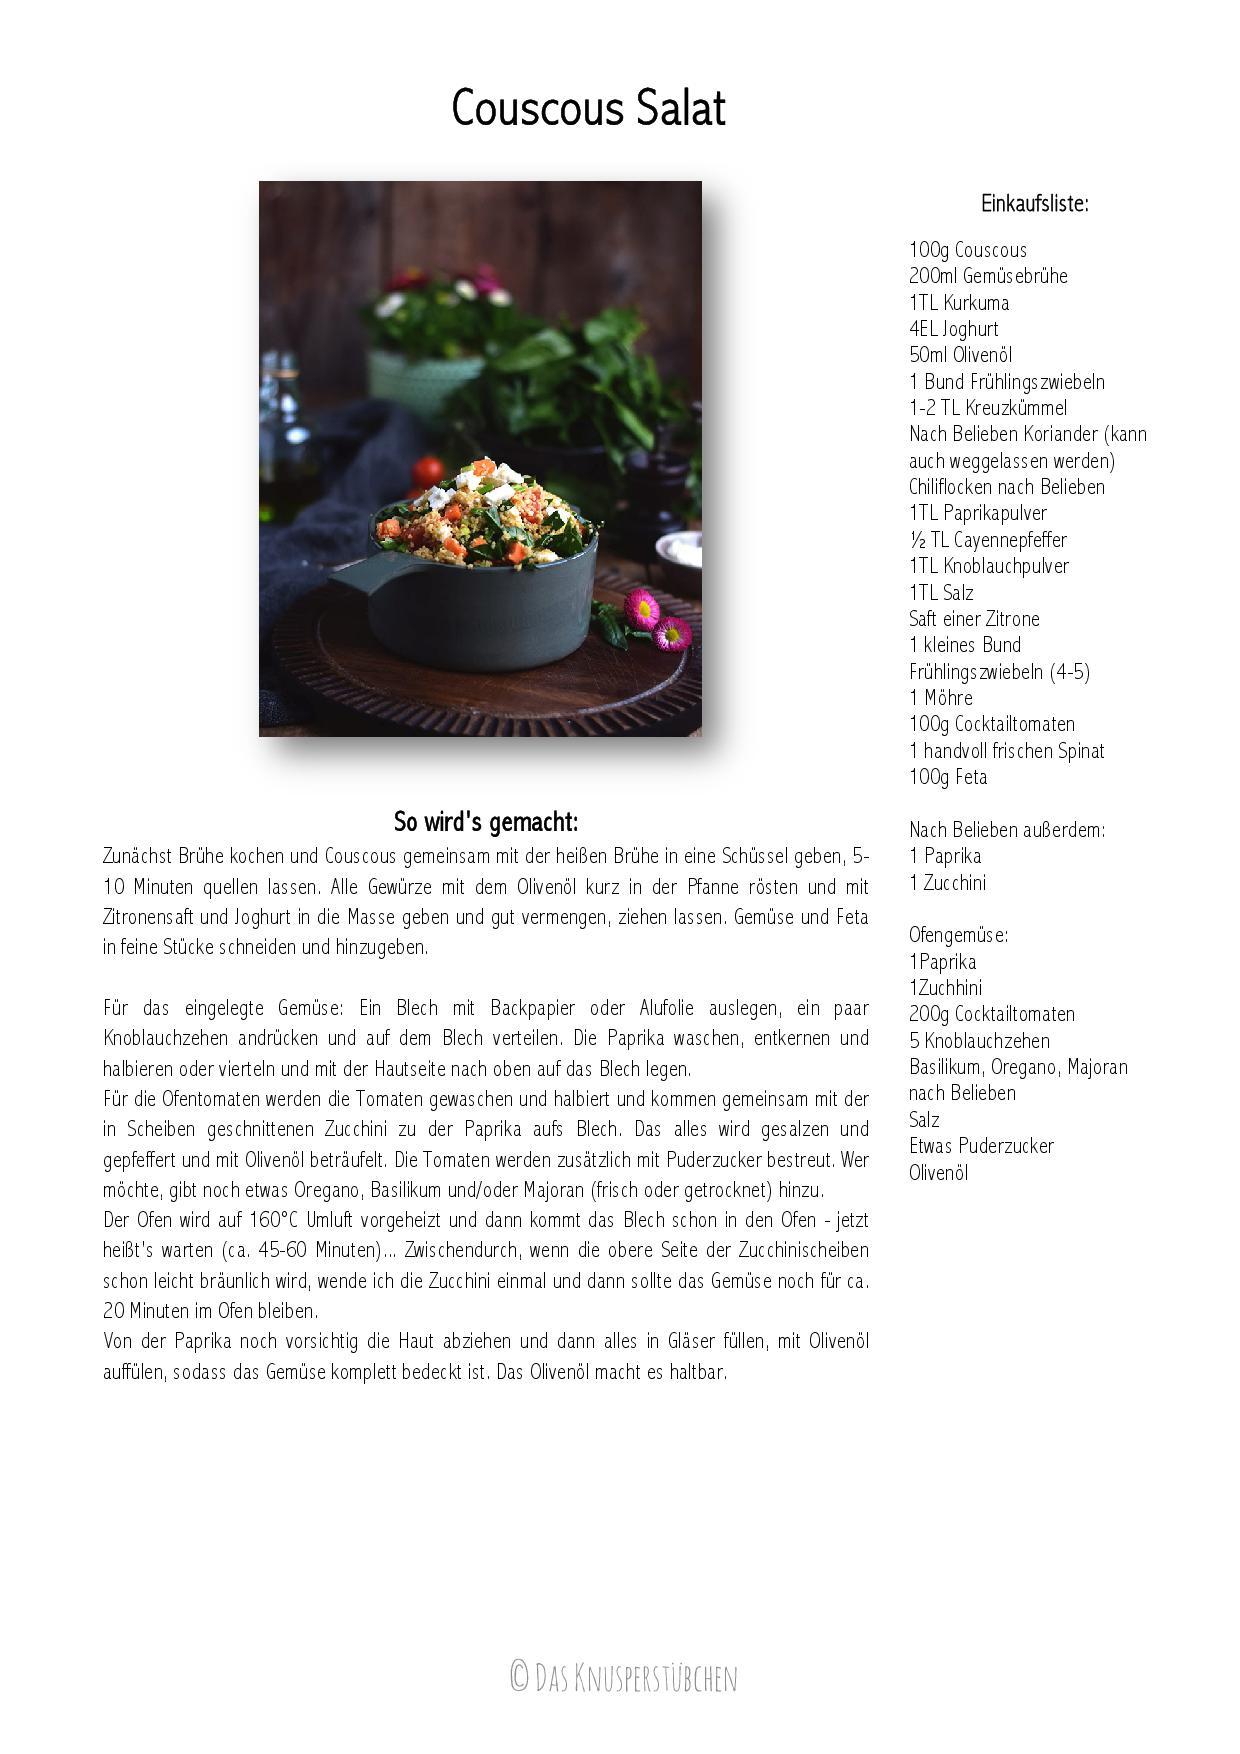 Couscous Salat-001